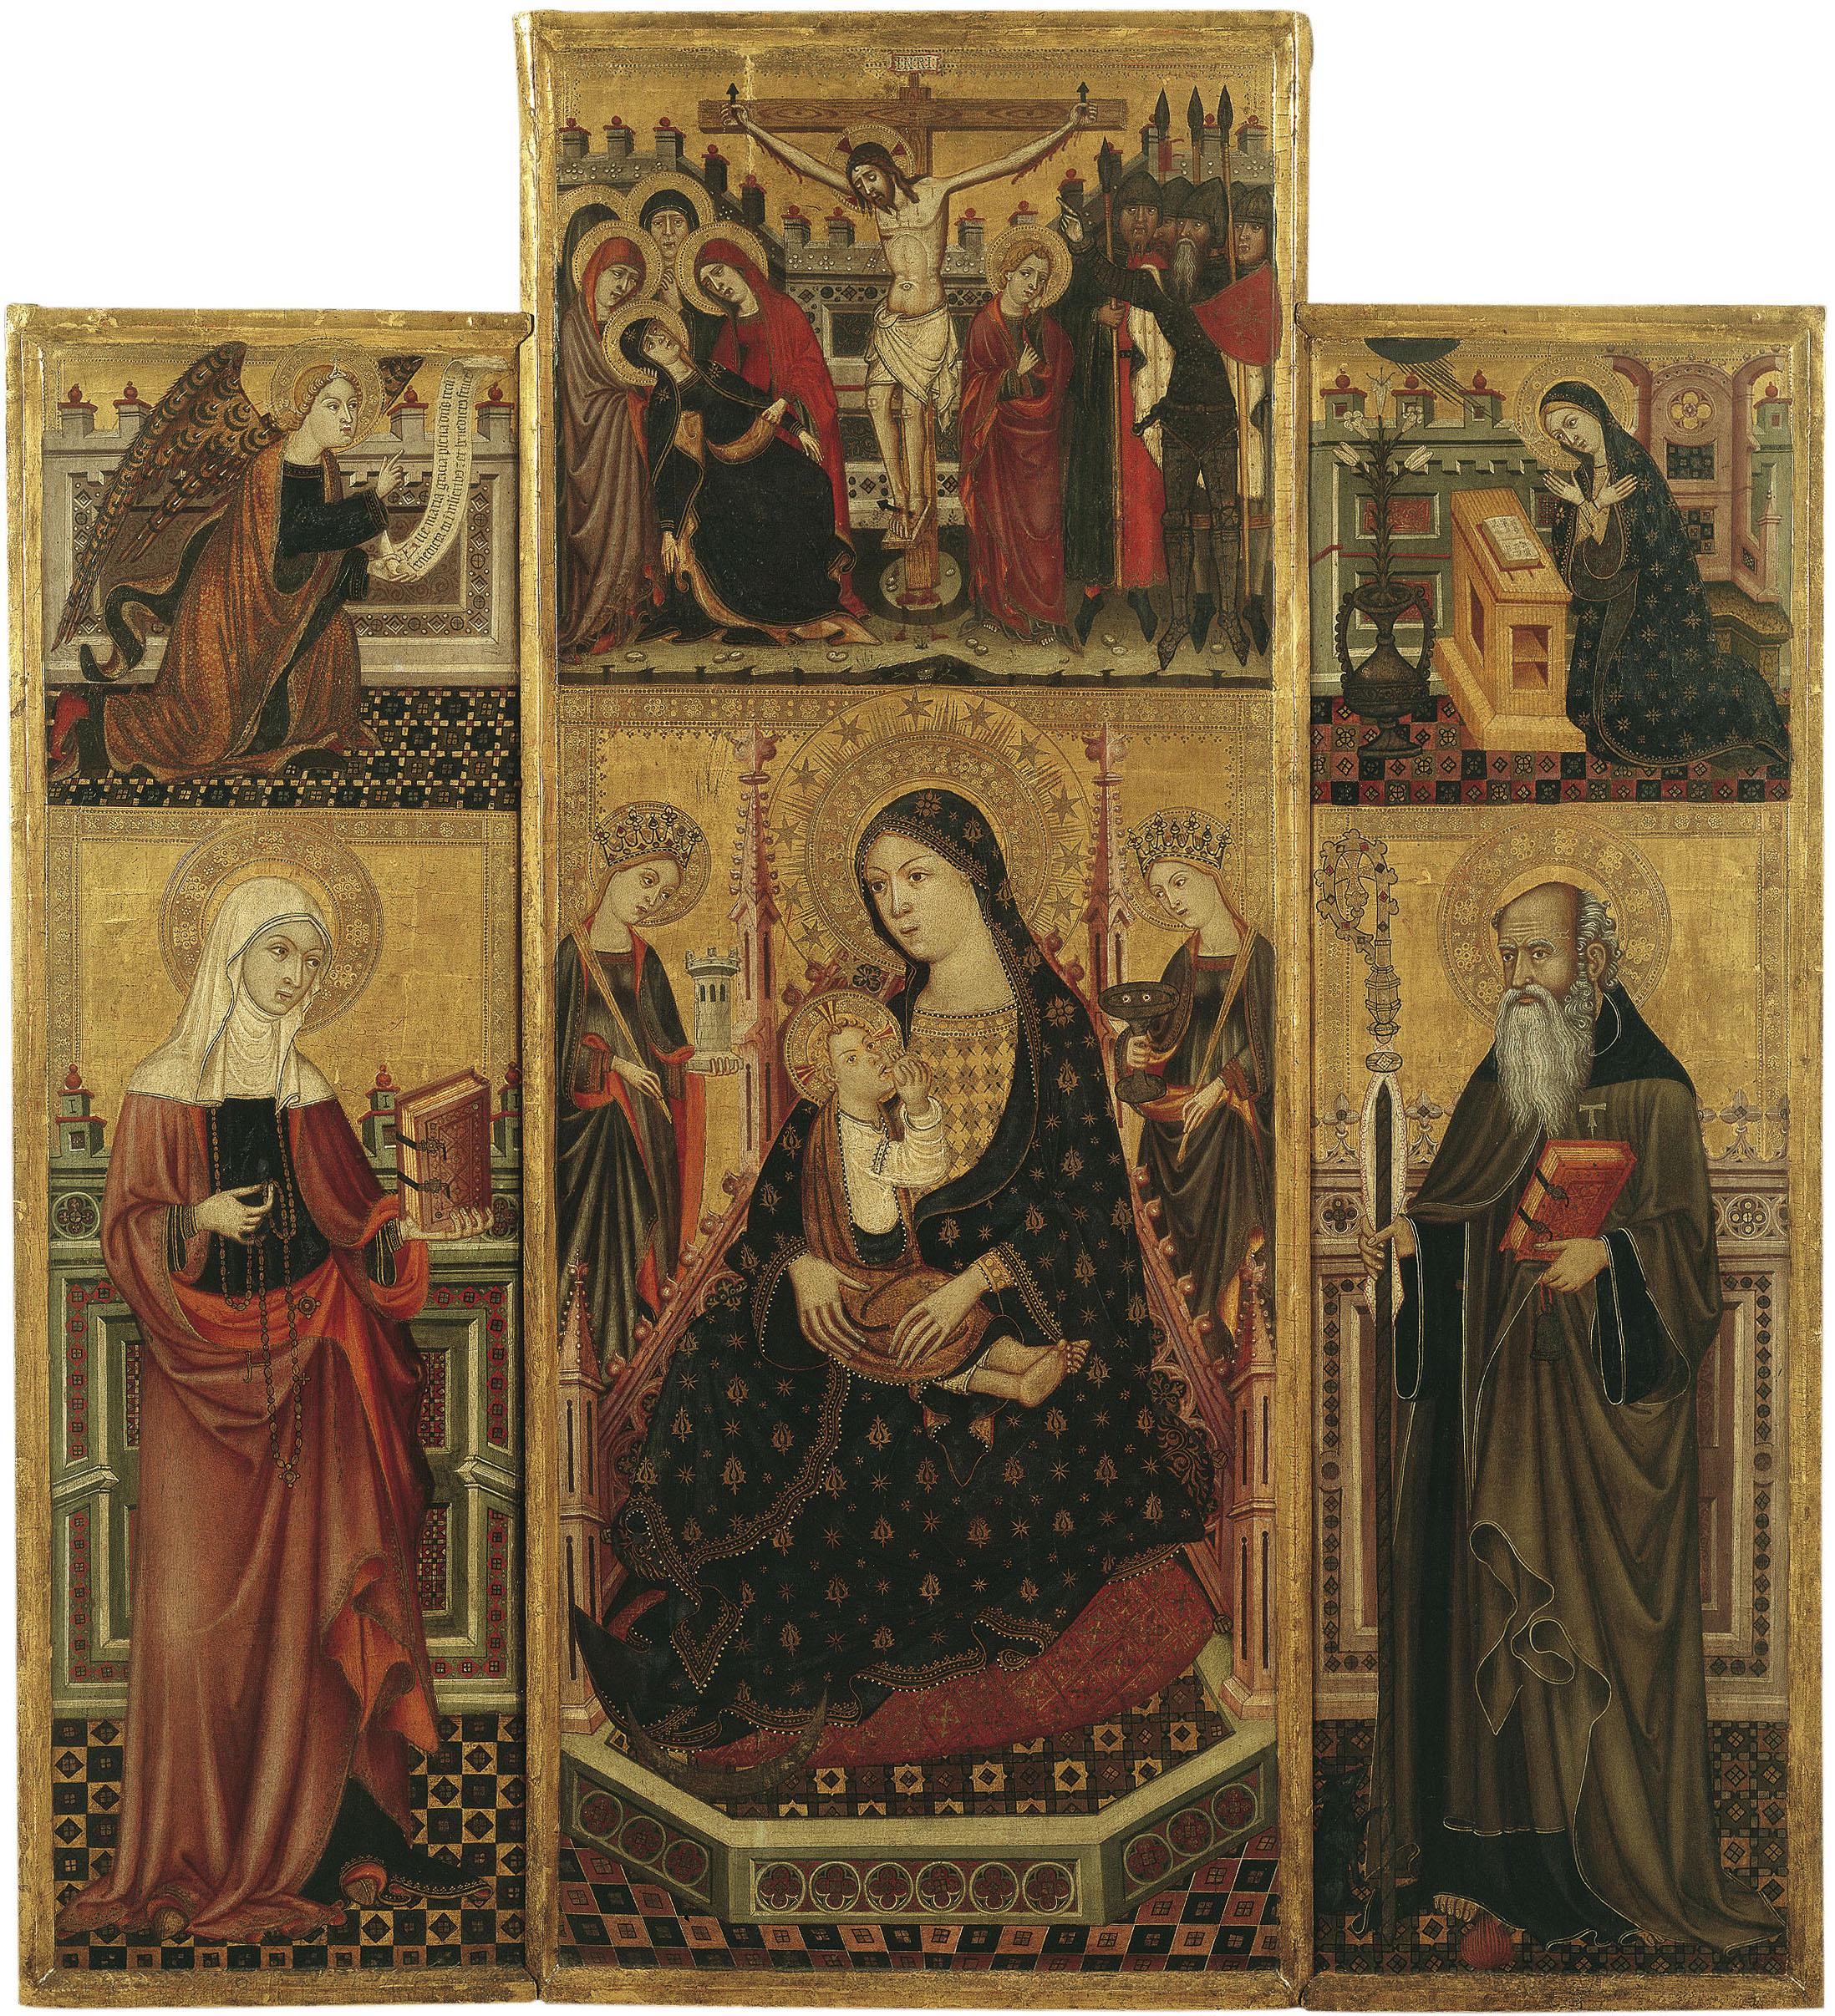 Llorenç Saragossà - Retaule de la Mare de Déu de la Llet, santa Clara i sant Antoni Abat - Últim quart del segle XIV